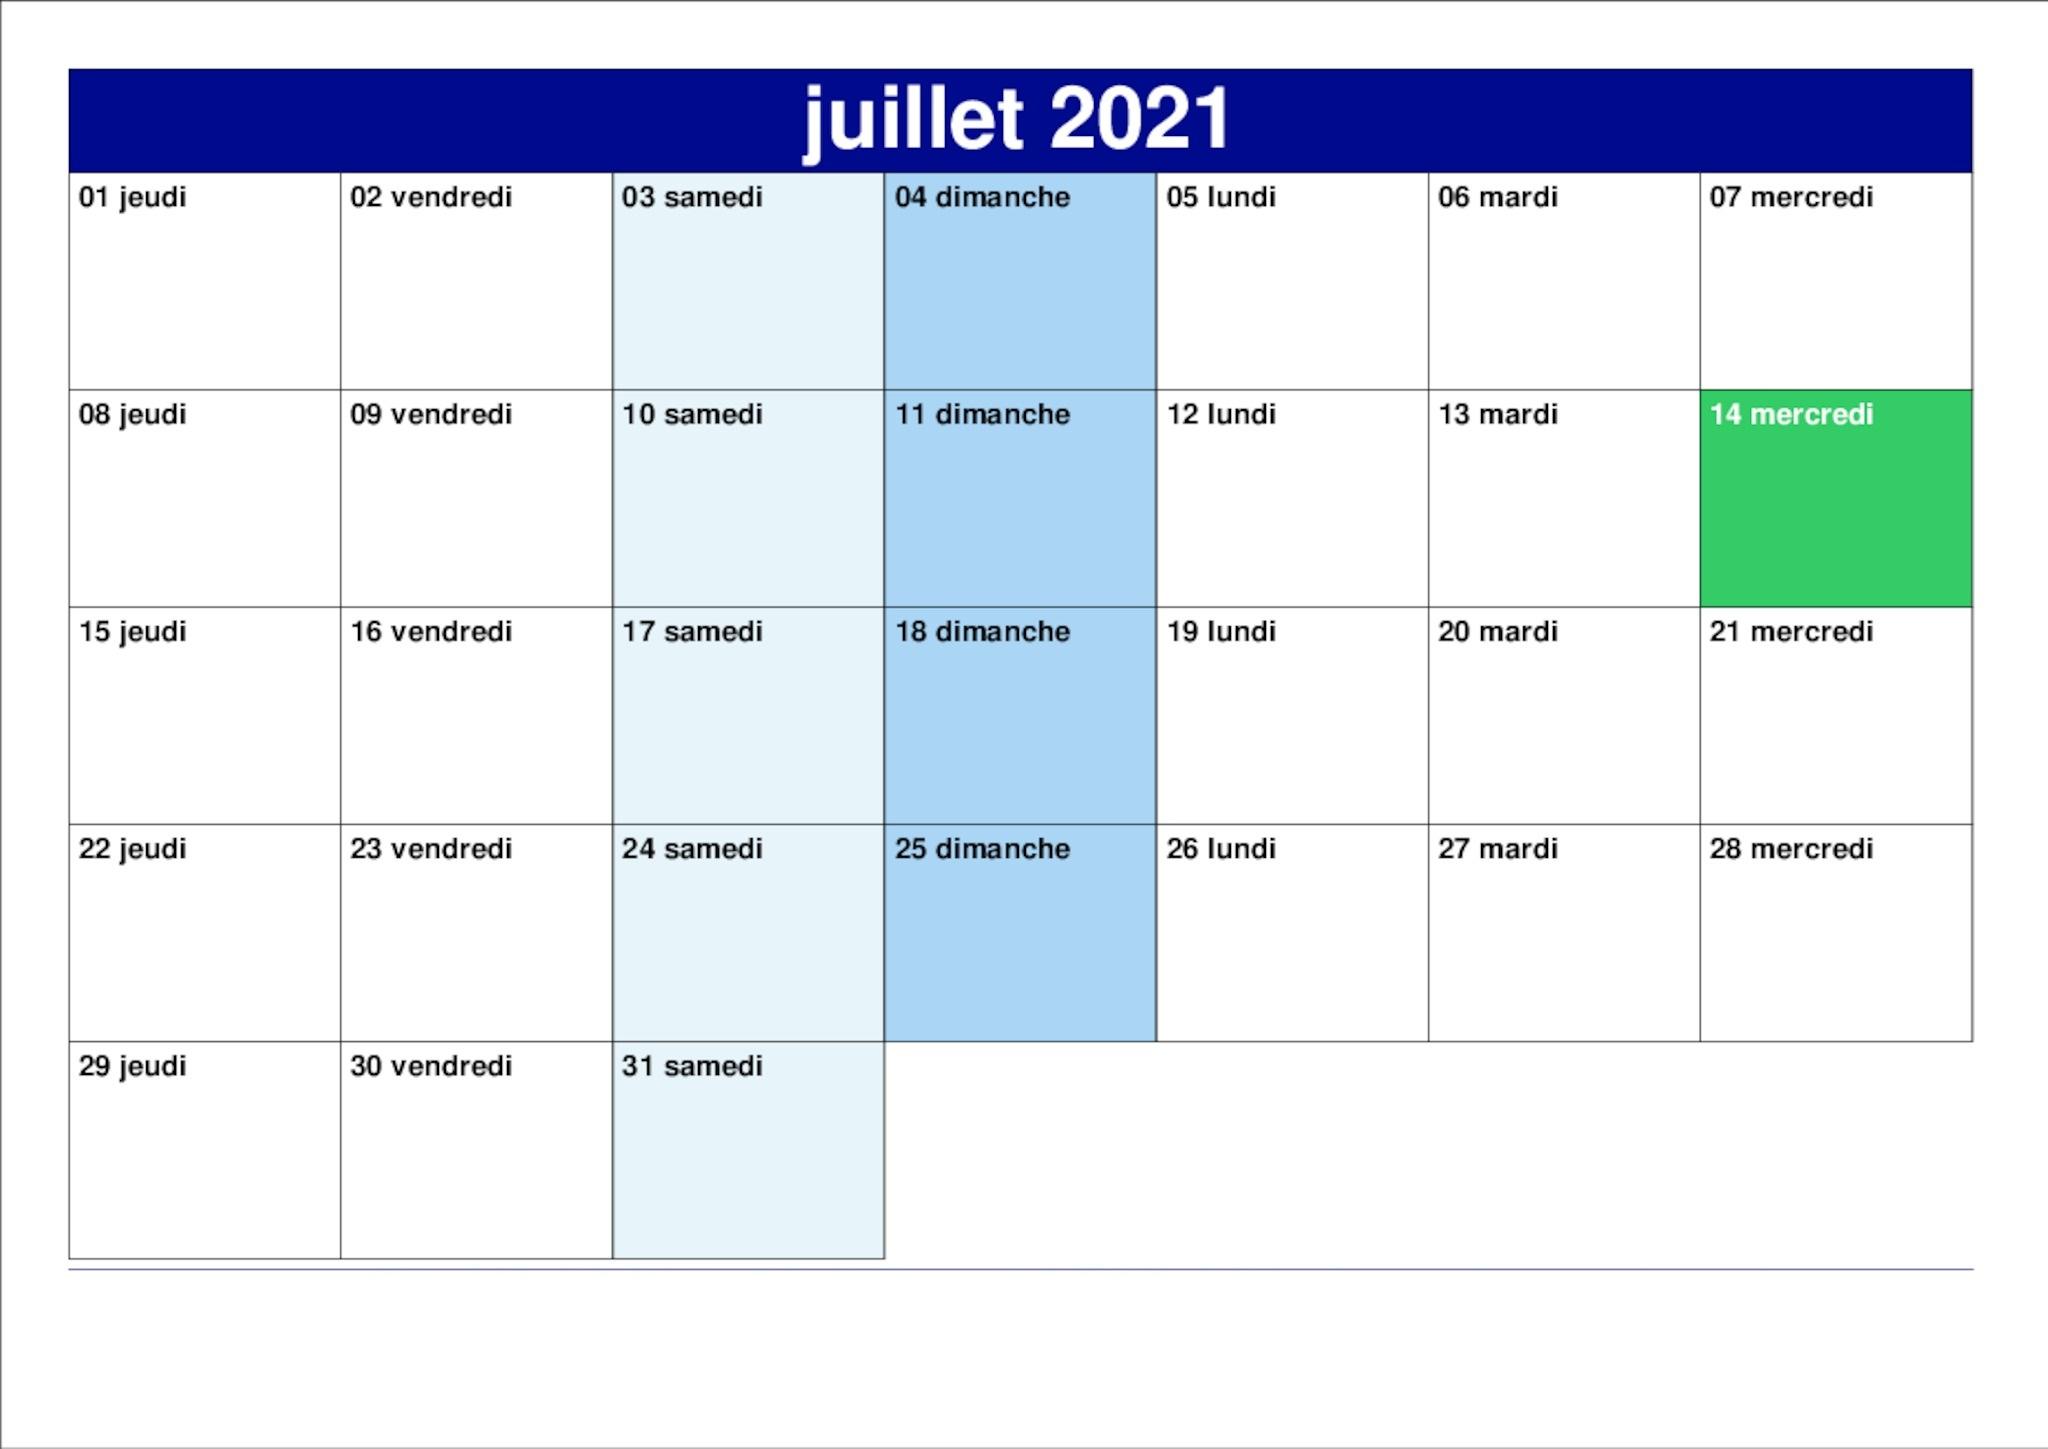 Juillet Calendrier 2021